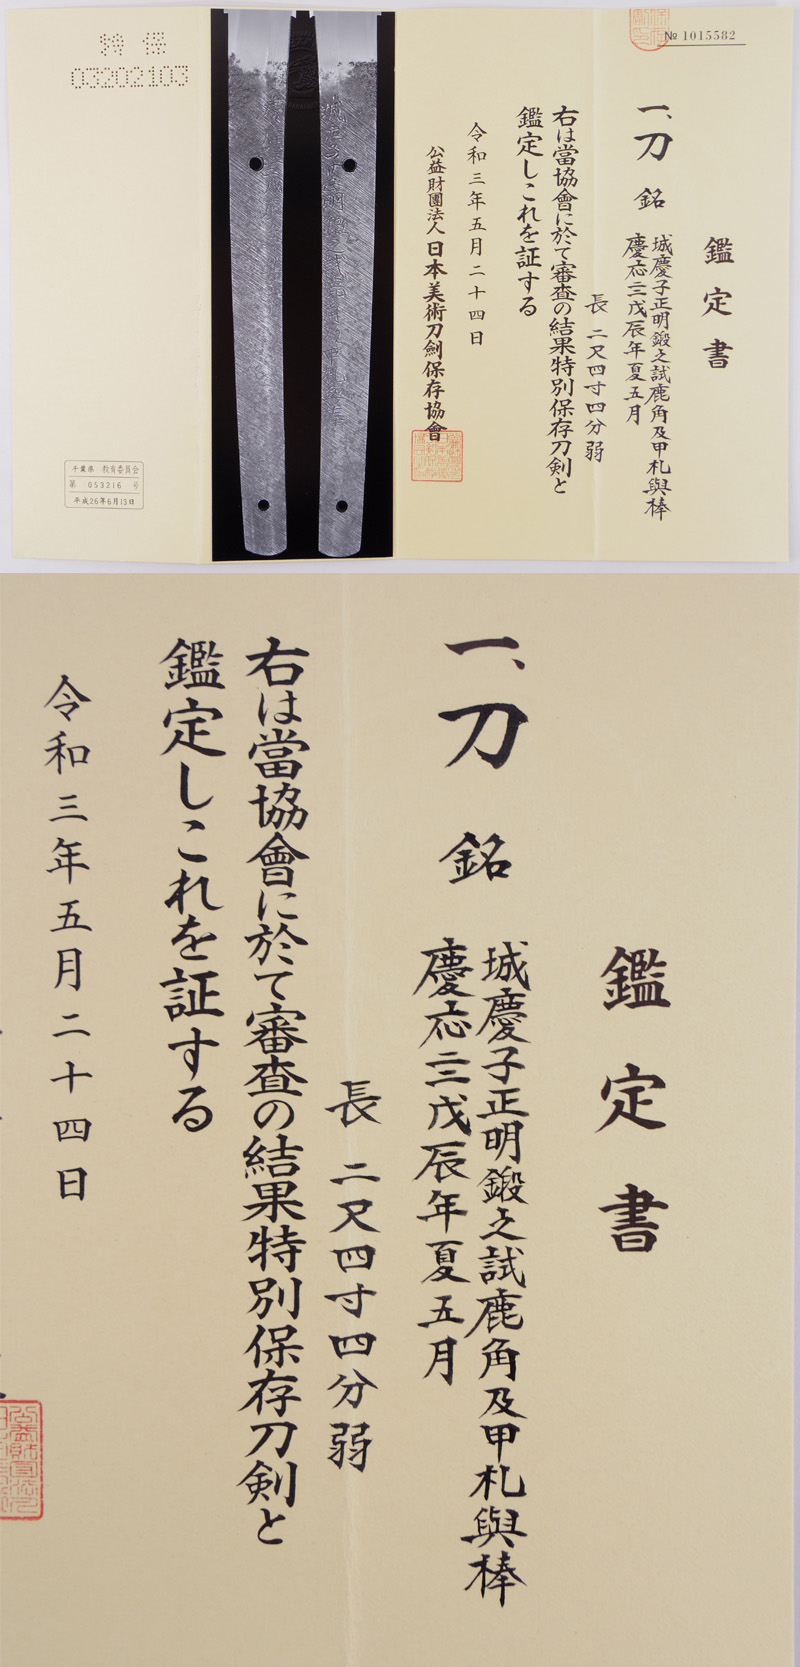 刀 城慶子正明鍛之試鹿角及甲礼與棒 (新々刀上作)  慶応二二戌辰年夏五月  Picture of Certificate